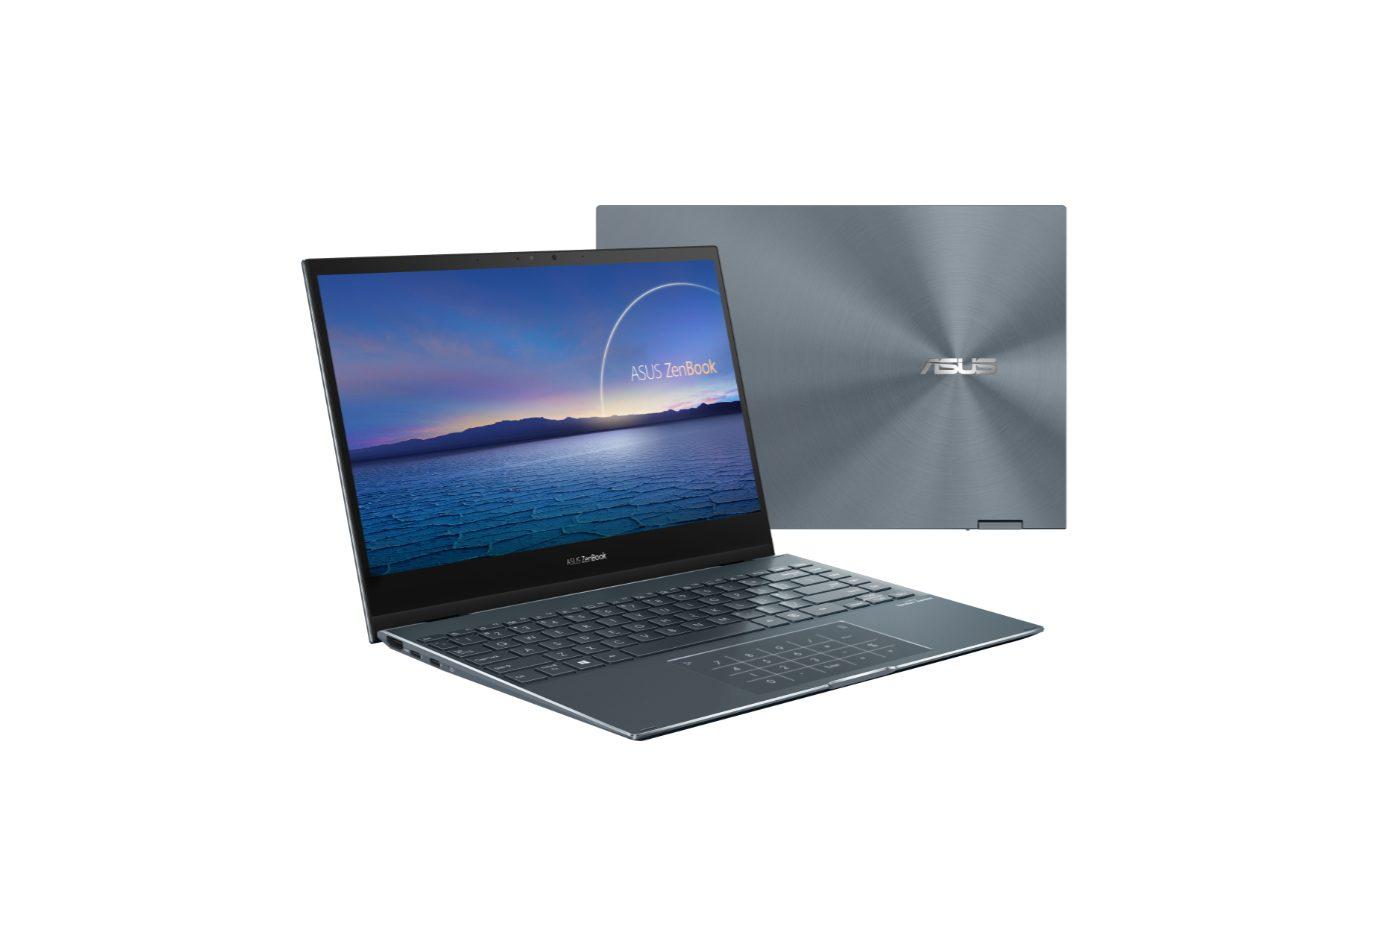 diseño flip zenbook